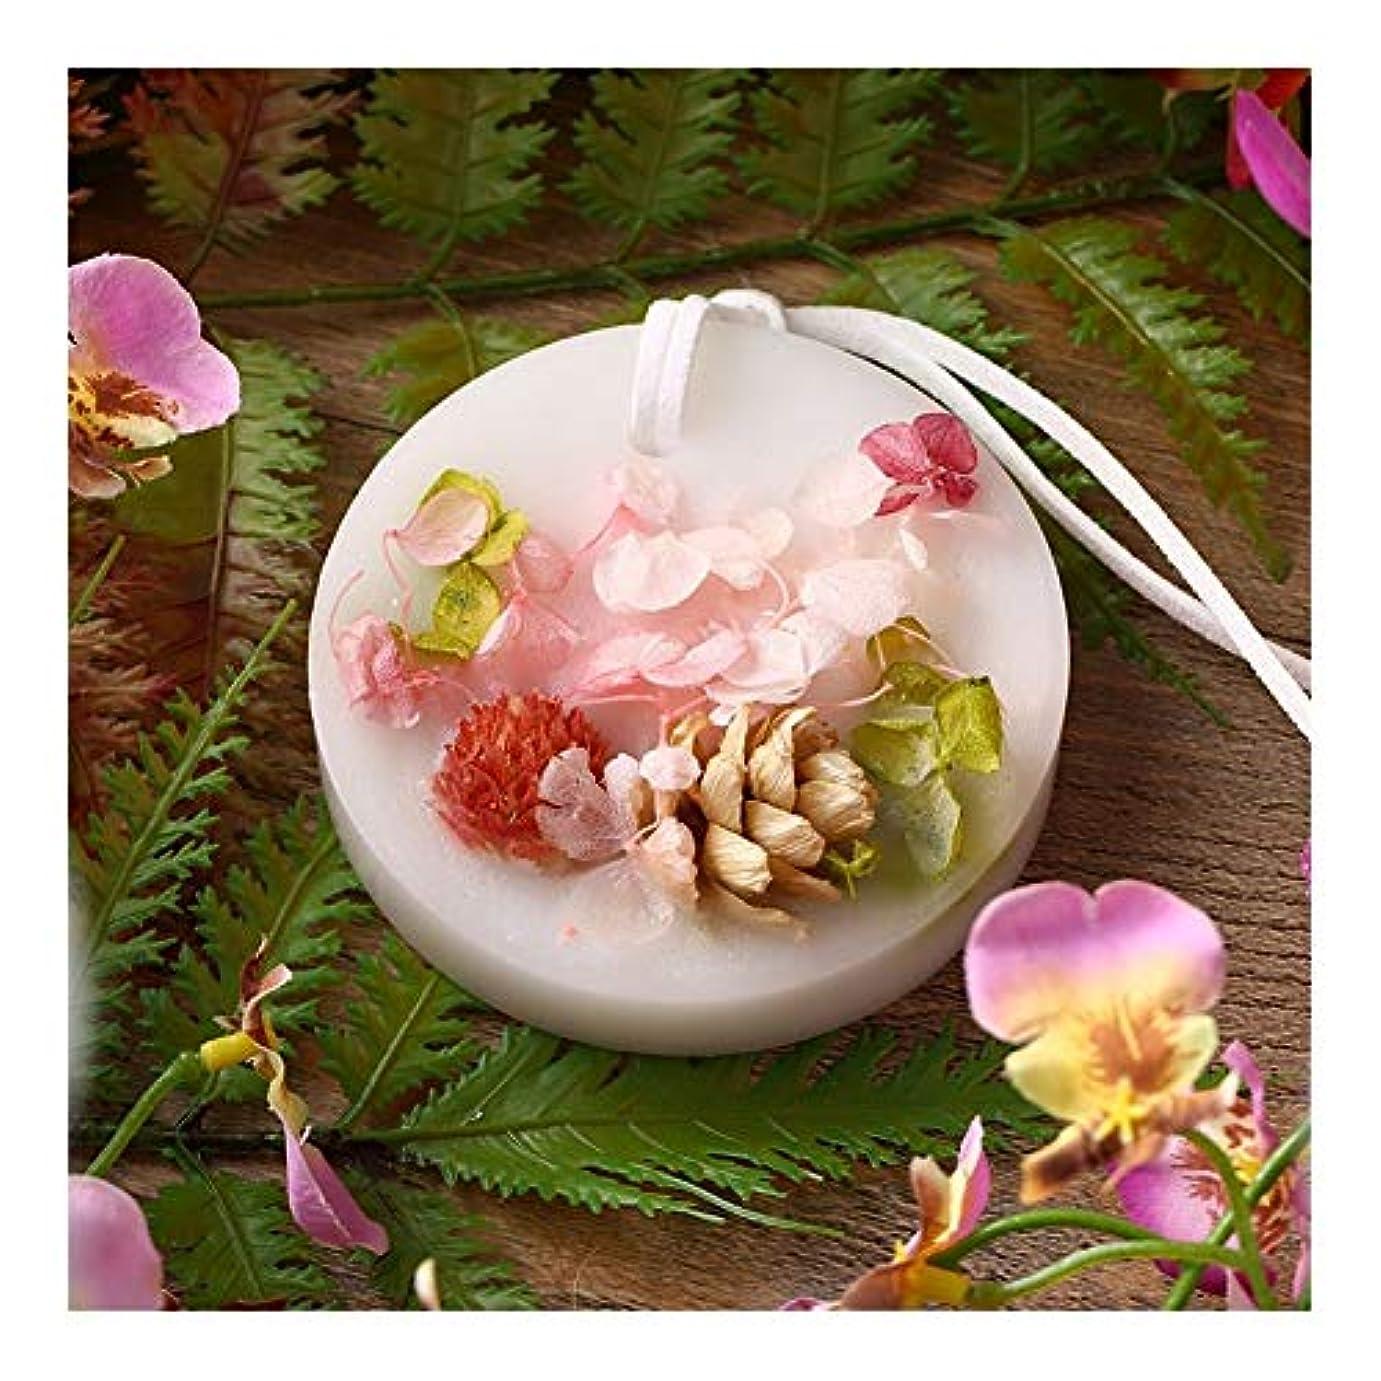 ヘッドレス腸委任Guomao ドライフラワー香料入りワックスタブレットワードローブ引き出しお香ワックス、香料入りキャンドル